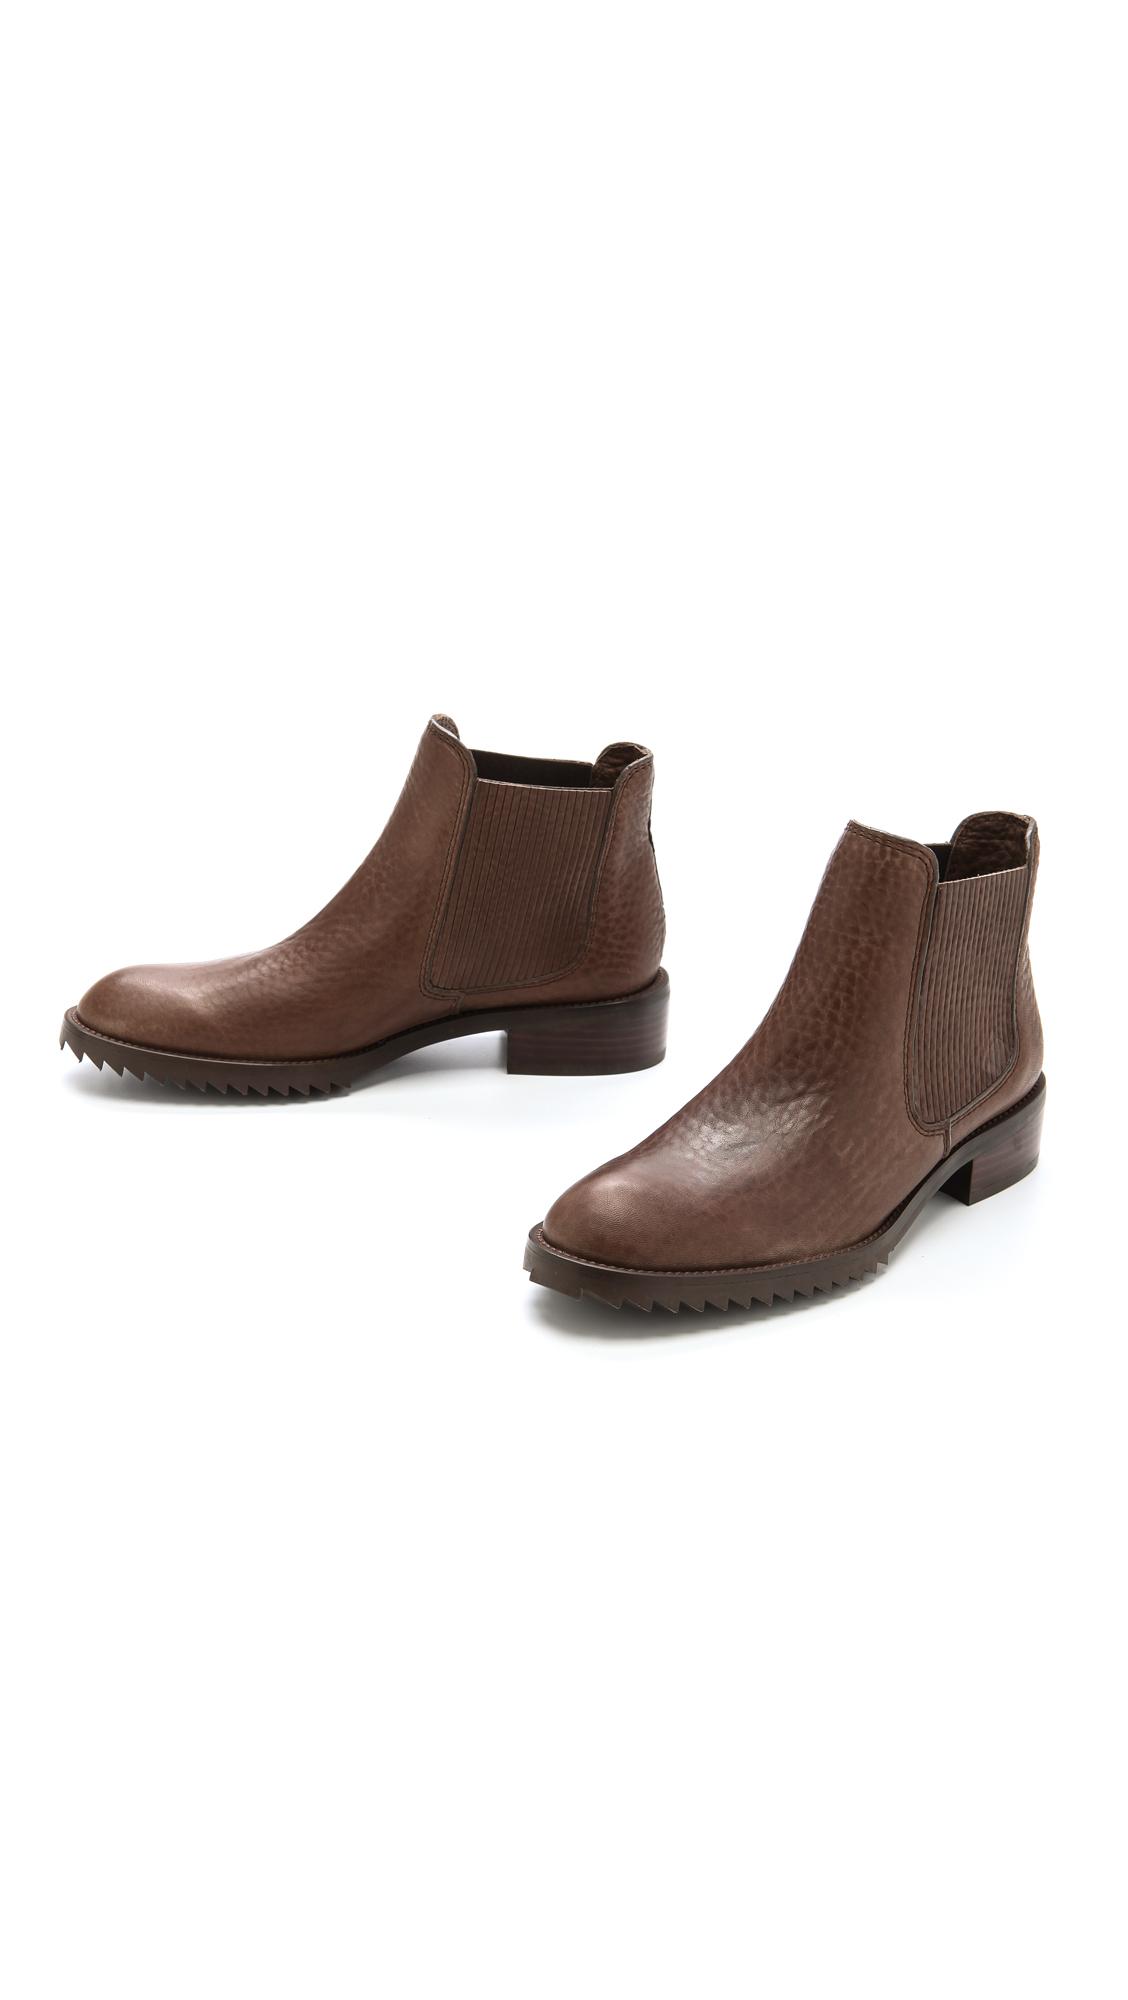 Roberto Del Carlo Shoes Sizing